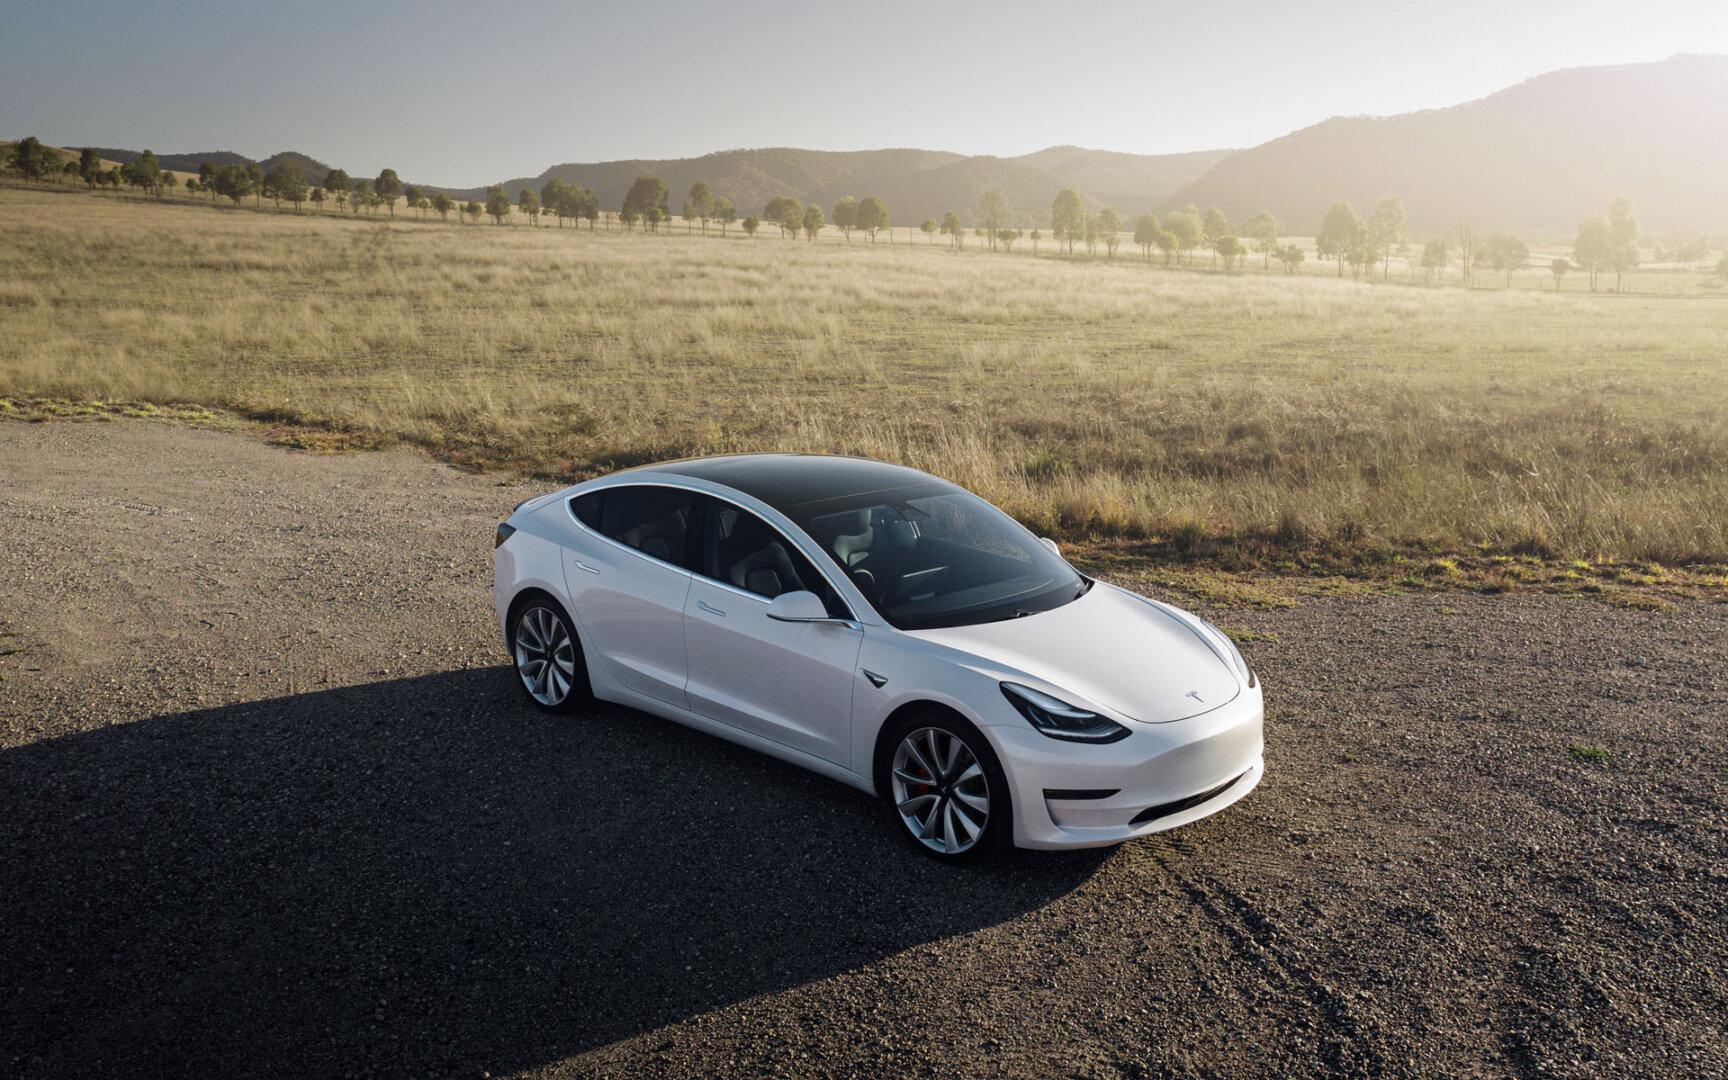 Silberner Tesla Model 3 Elektroauto